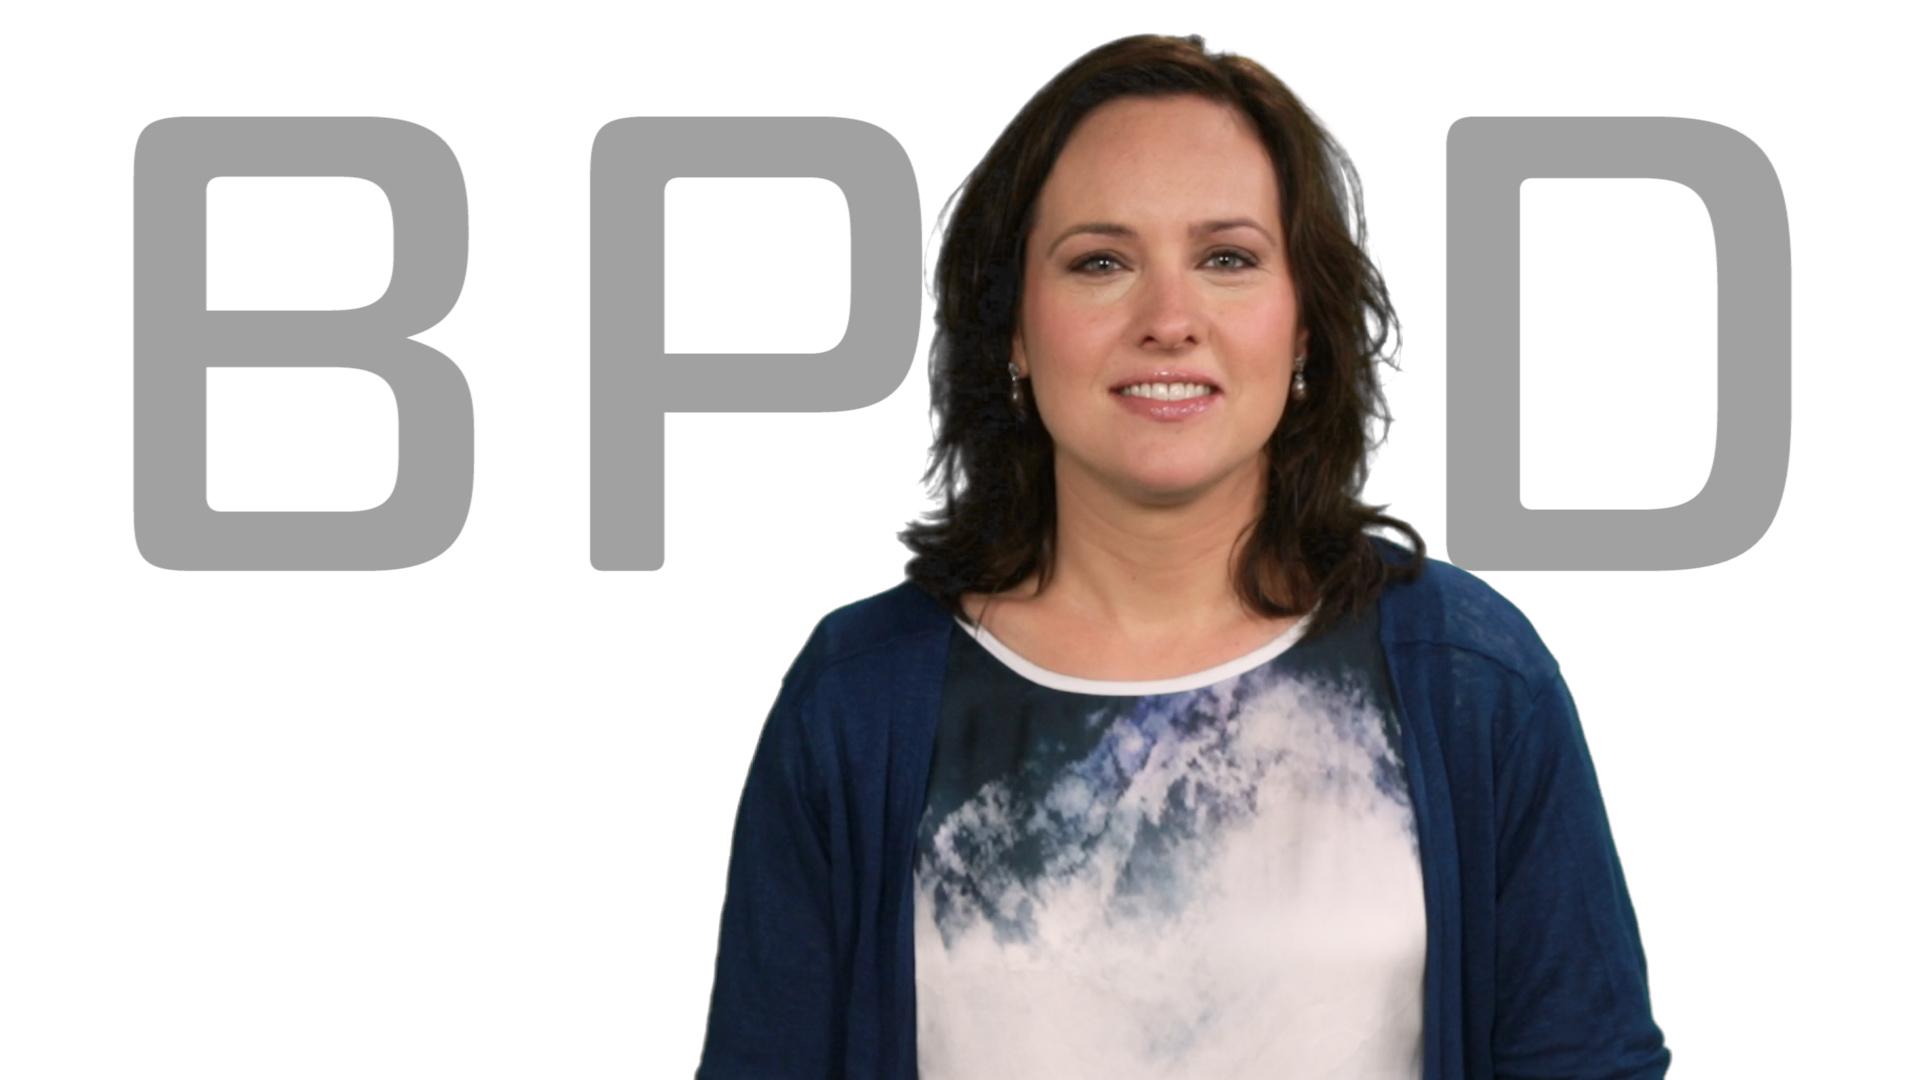 Bekijk de video: BPPD